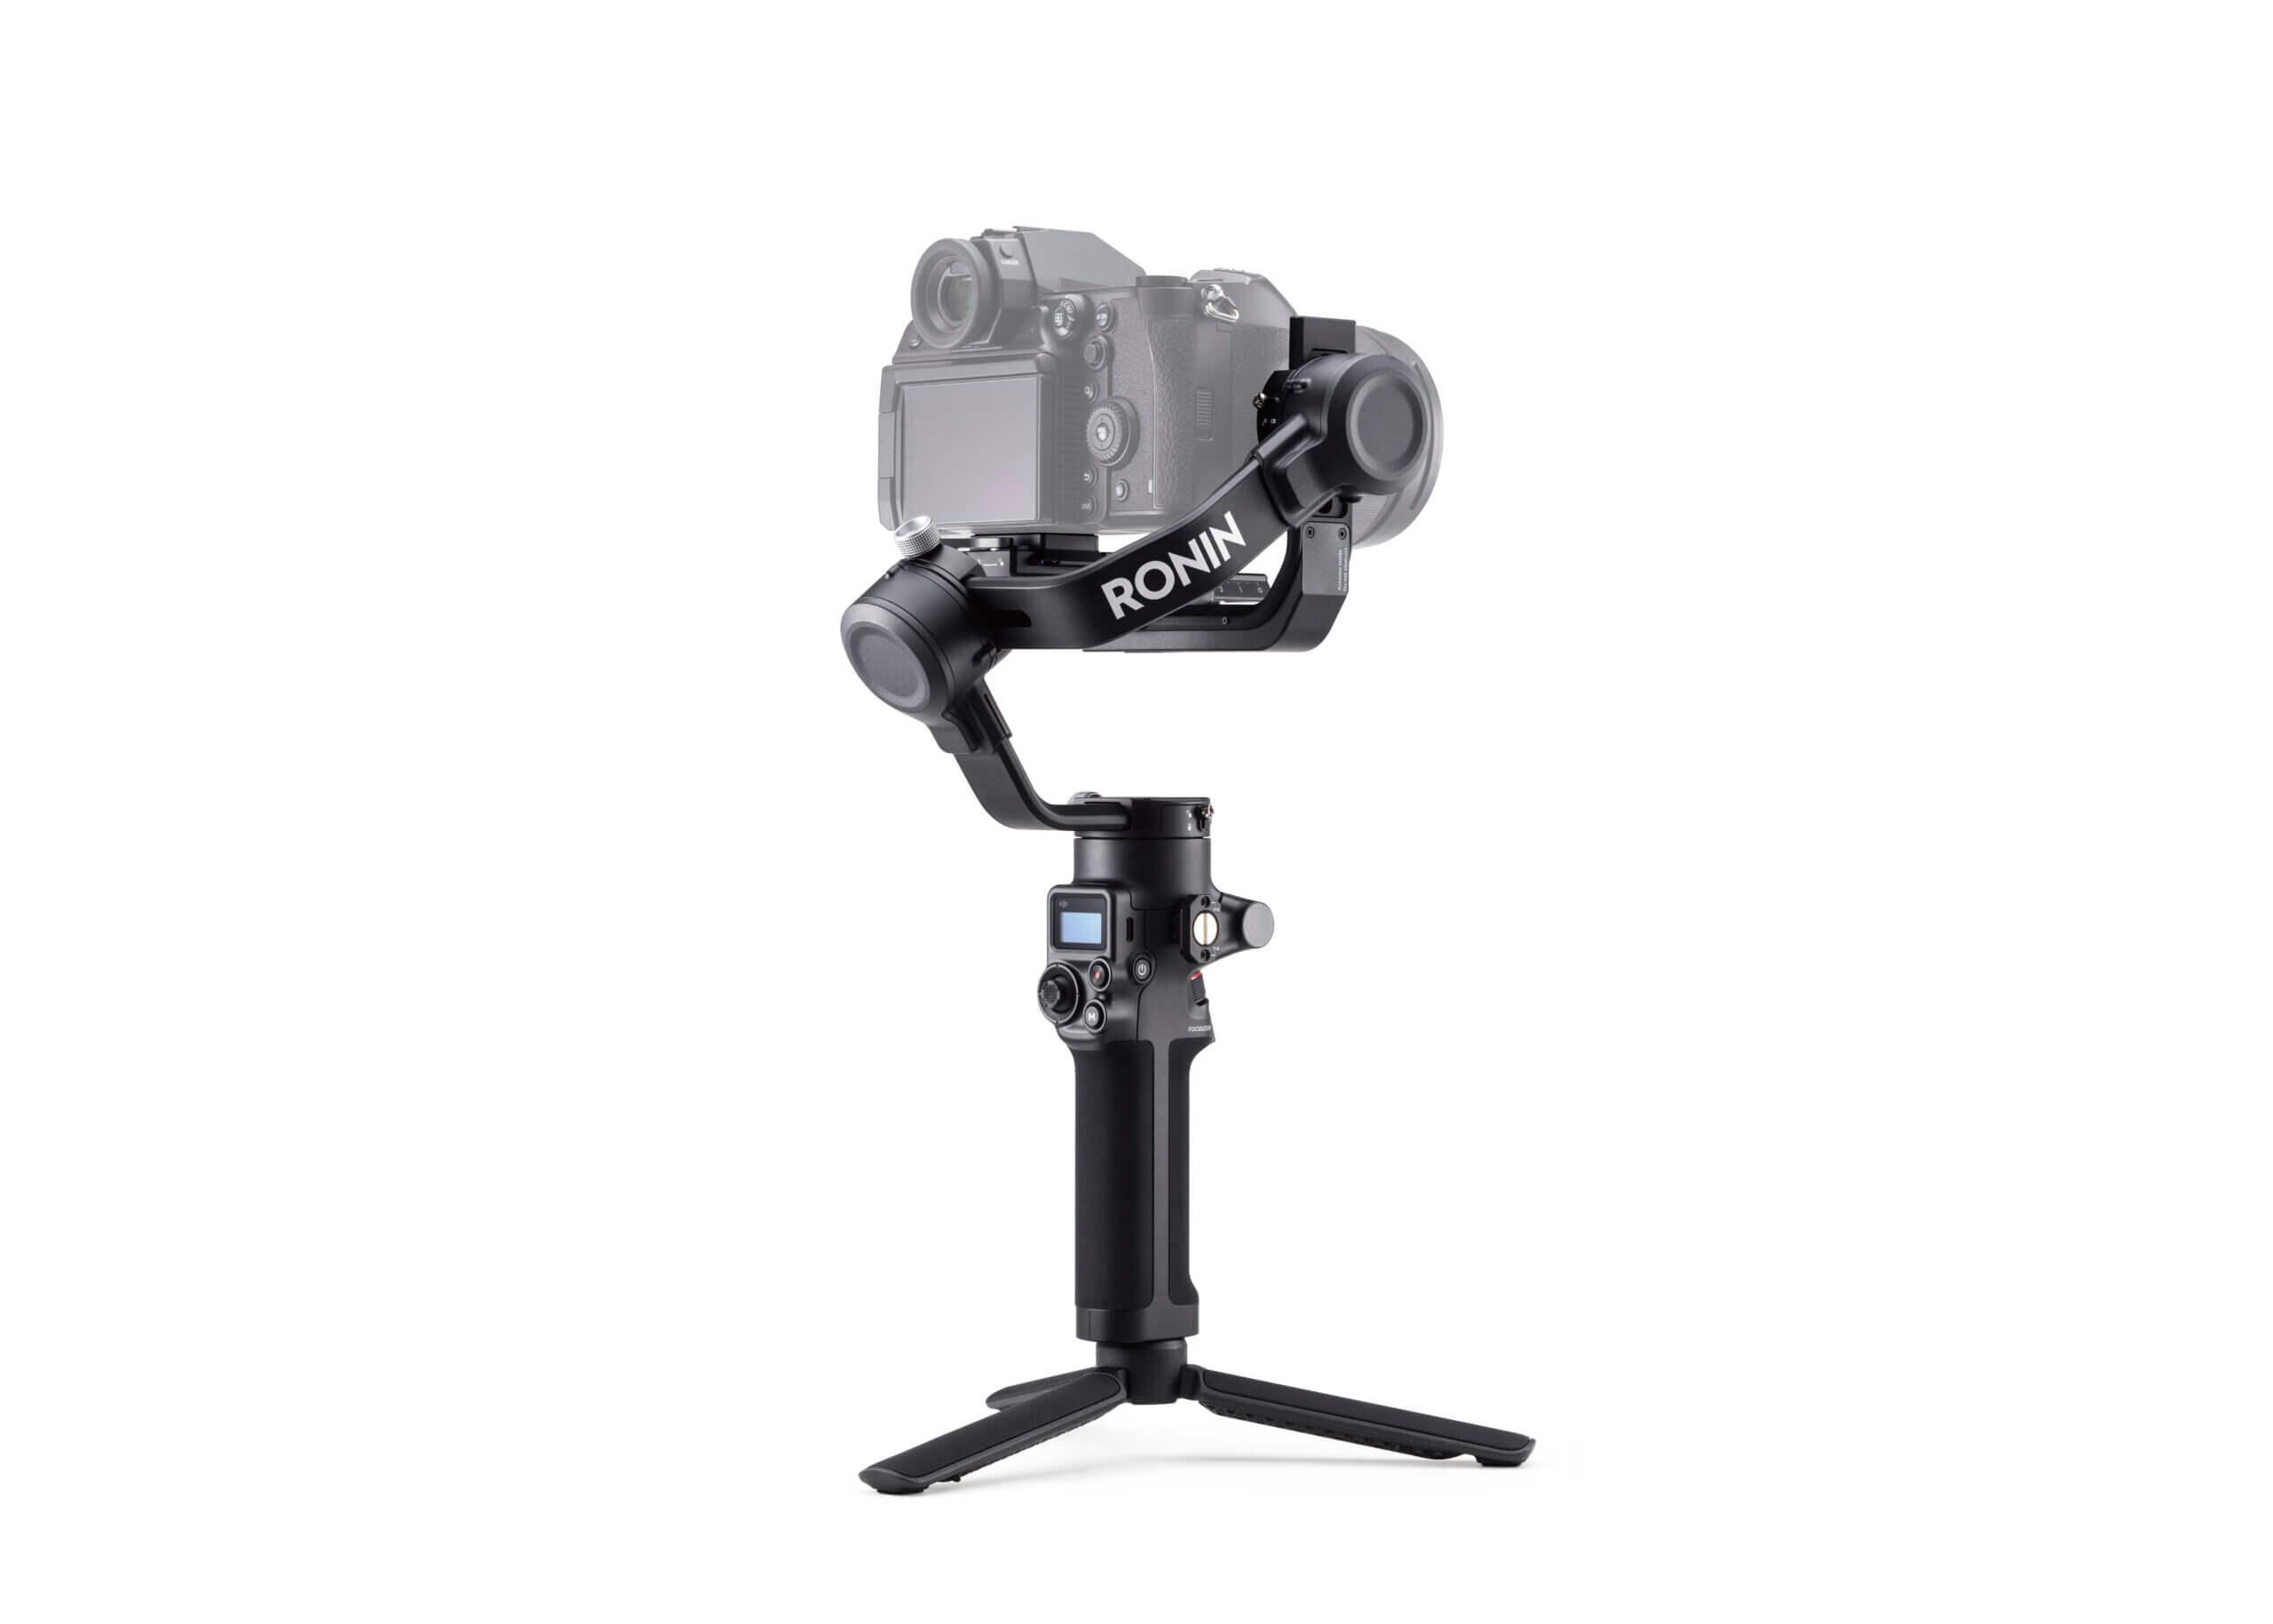 DJI RSC2 Gimbal for Camera